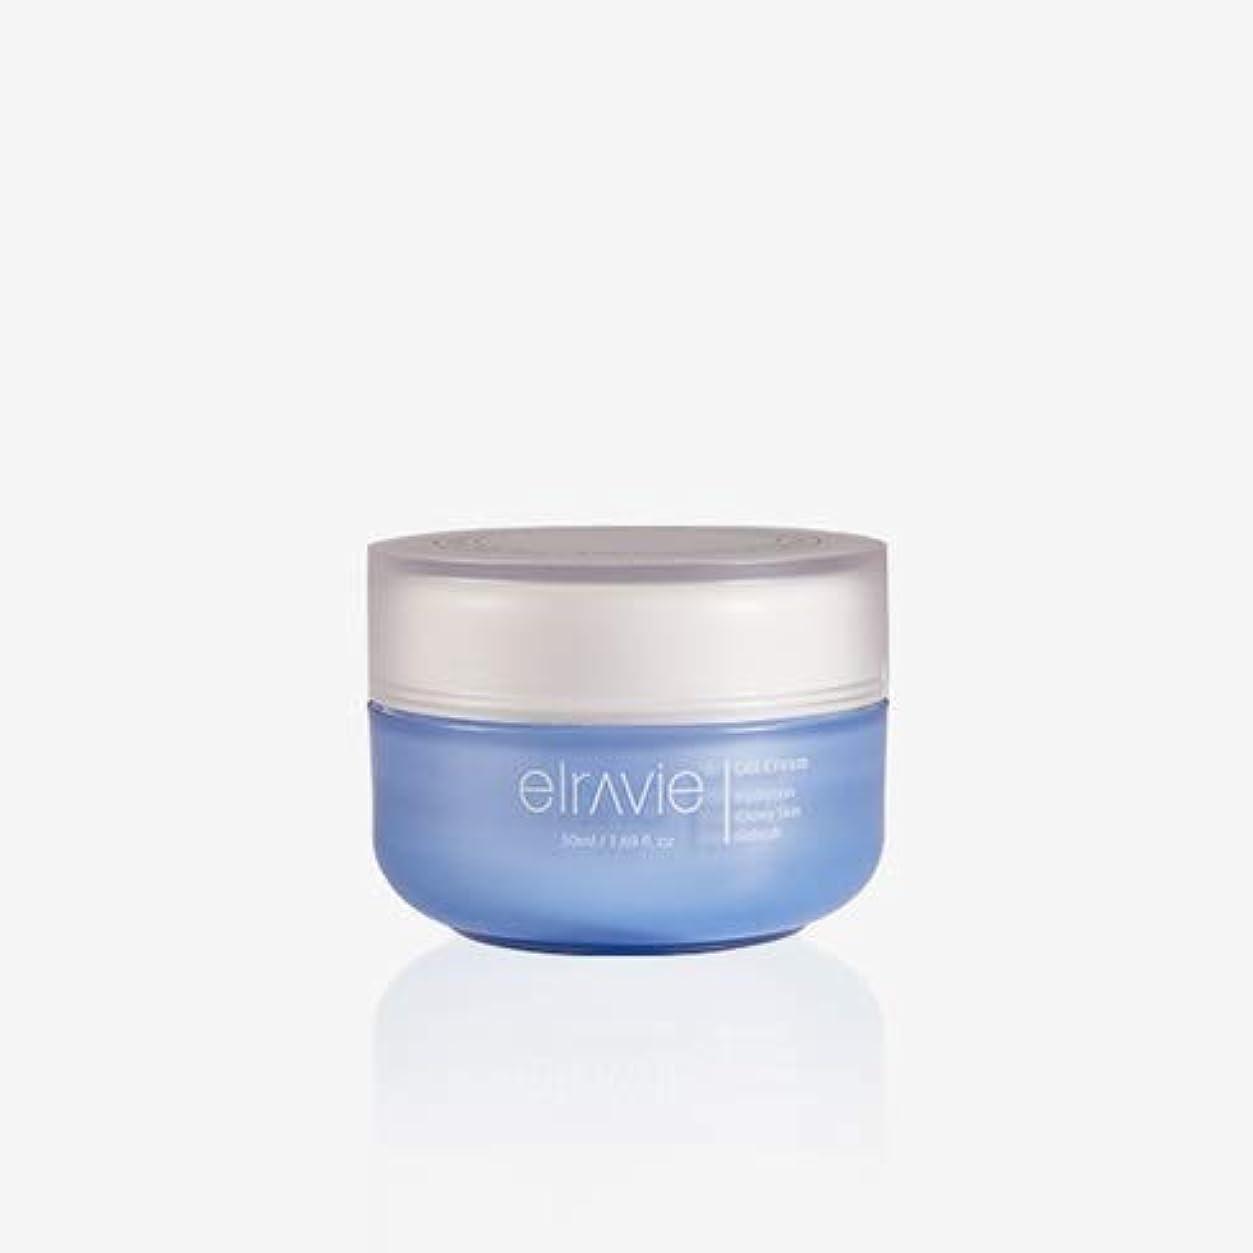 朝の体操をする合理的ベッドエラヴィー[Elravie] ダーマハイドロエクステンデッドハイジェルクリーム50ml / Derma Hydro Extended Hyal Gel Cream